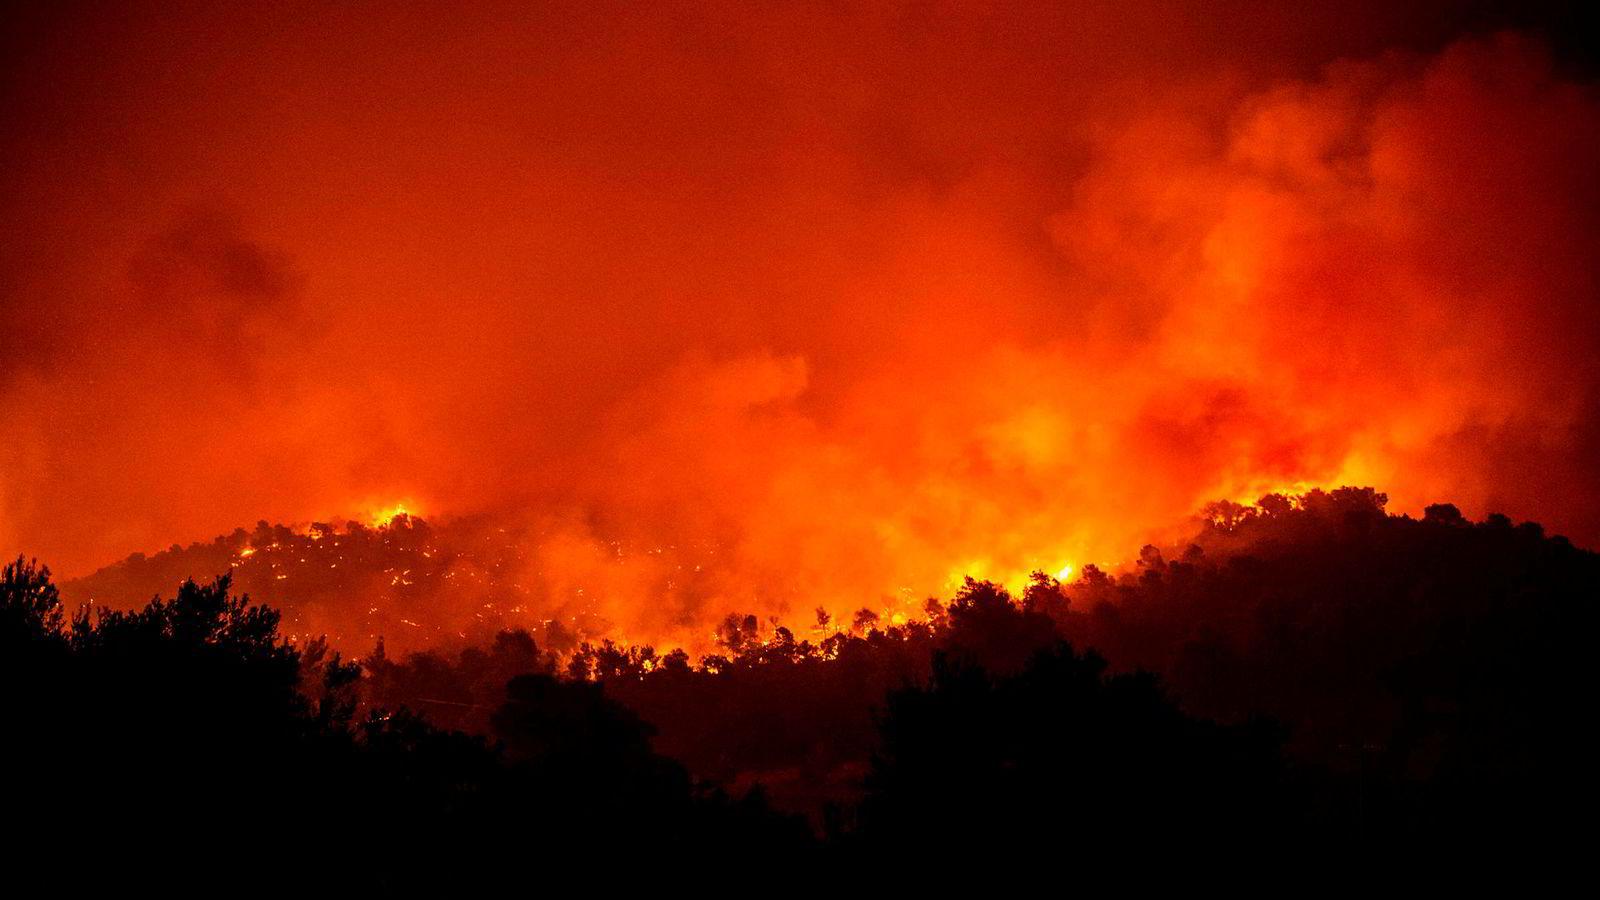 Flere store skogbranner herjer i Hellas. Verst er det på øya Evia, nær landsbyen Makrimalli der bildet er tatt.